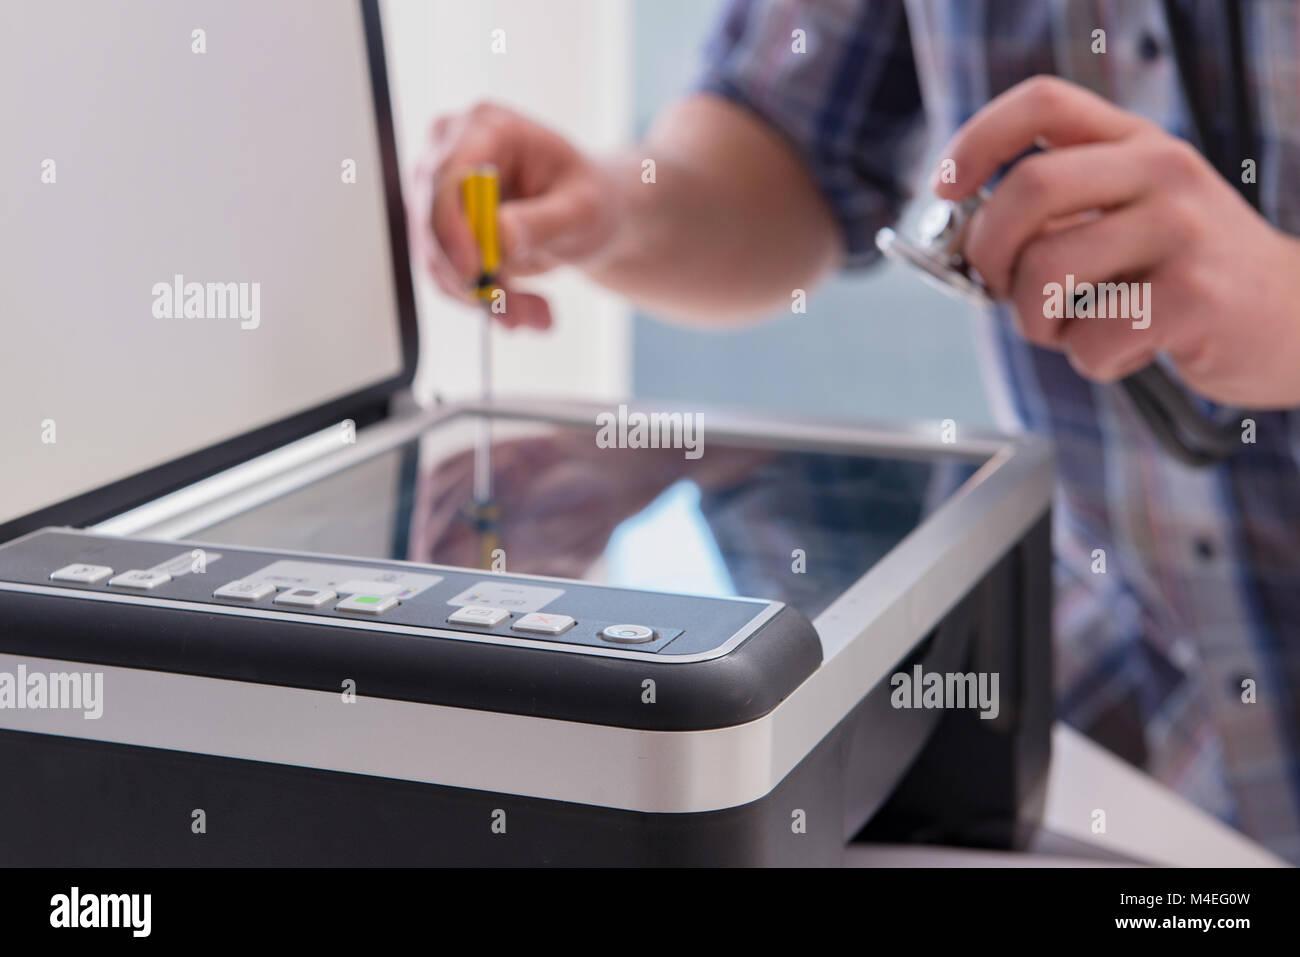 Repairman riparazione rotto stampante a colori Immagini Stock